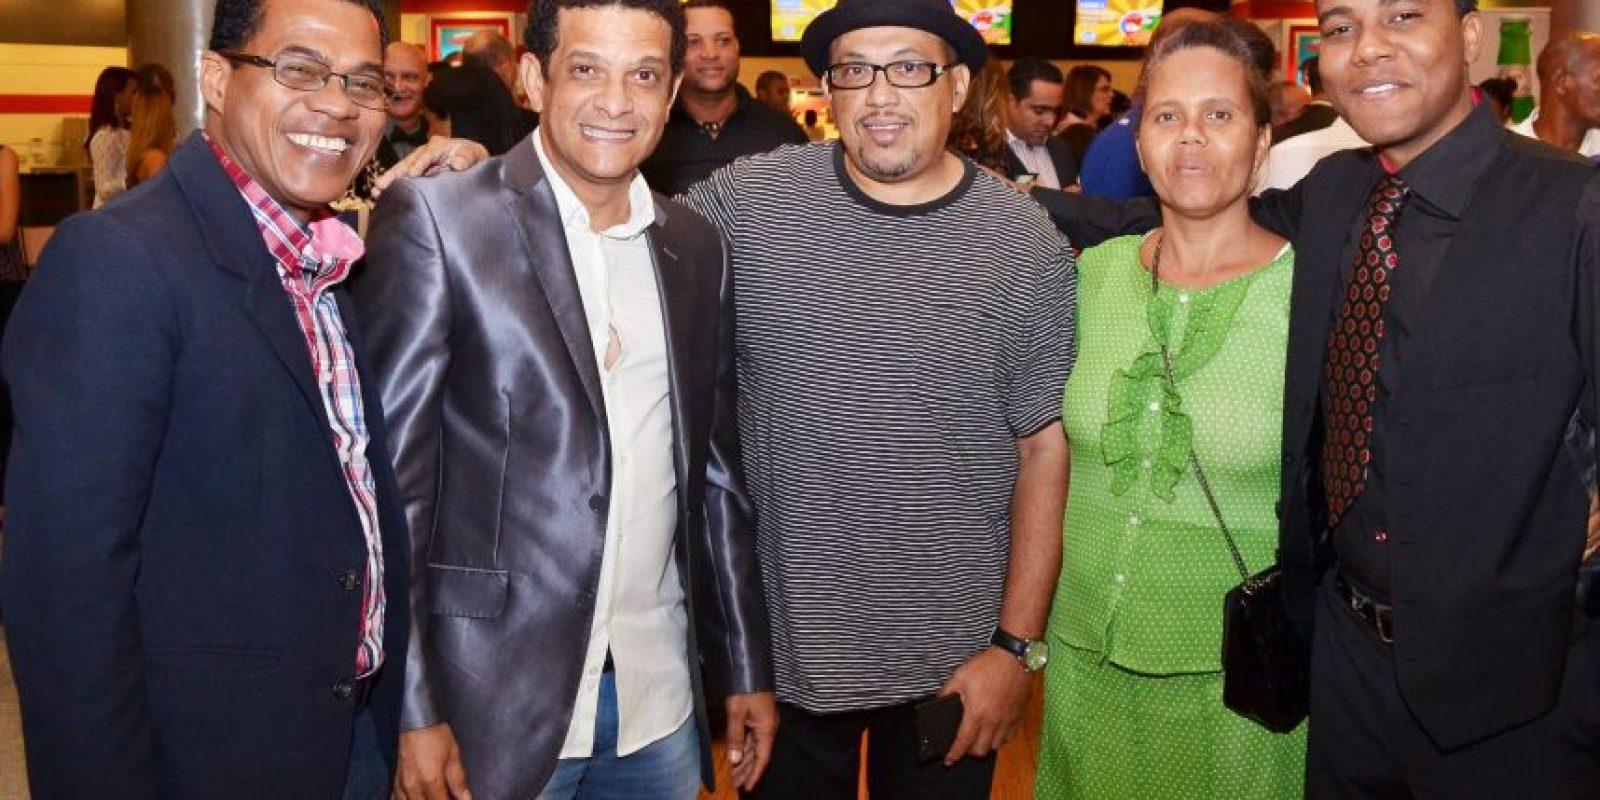 La película estará disponible en los principales cines del país. Foto:Mario De Peña